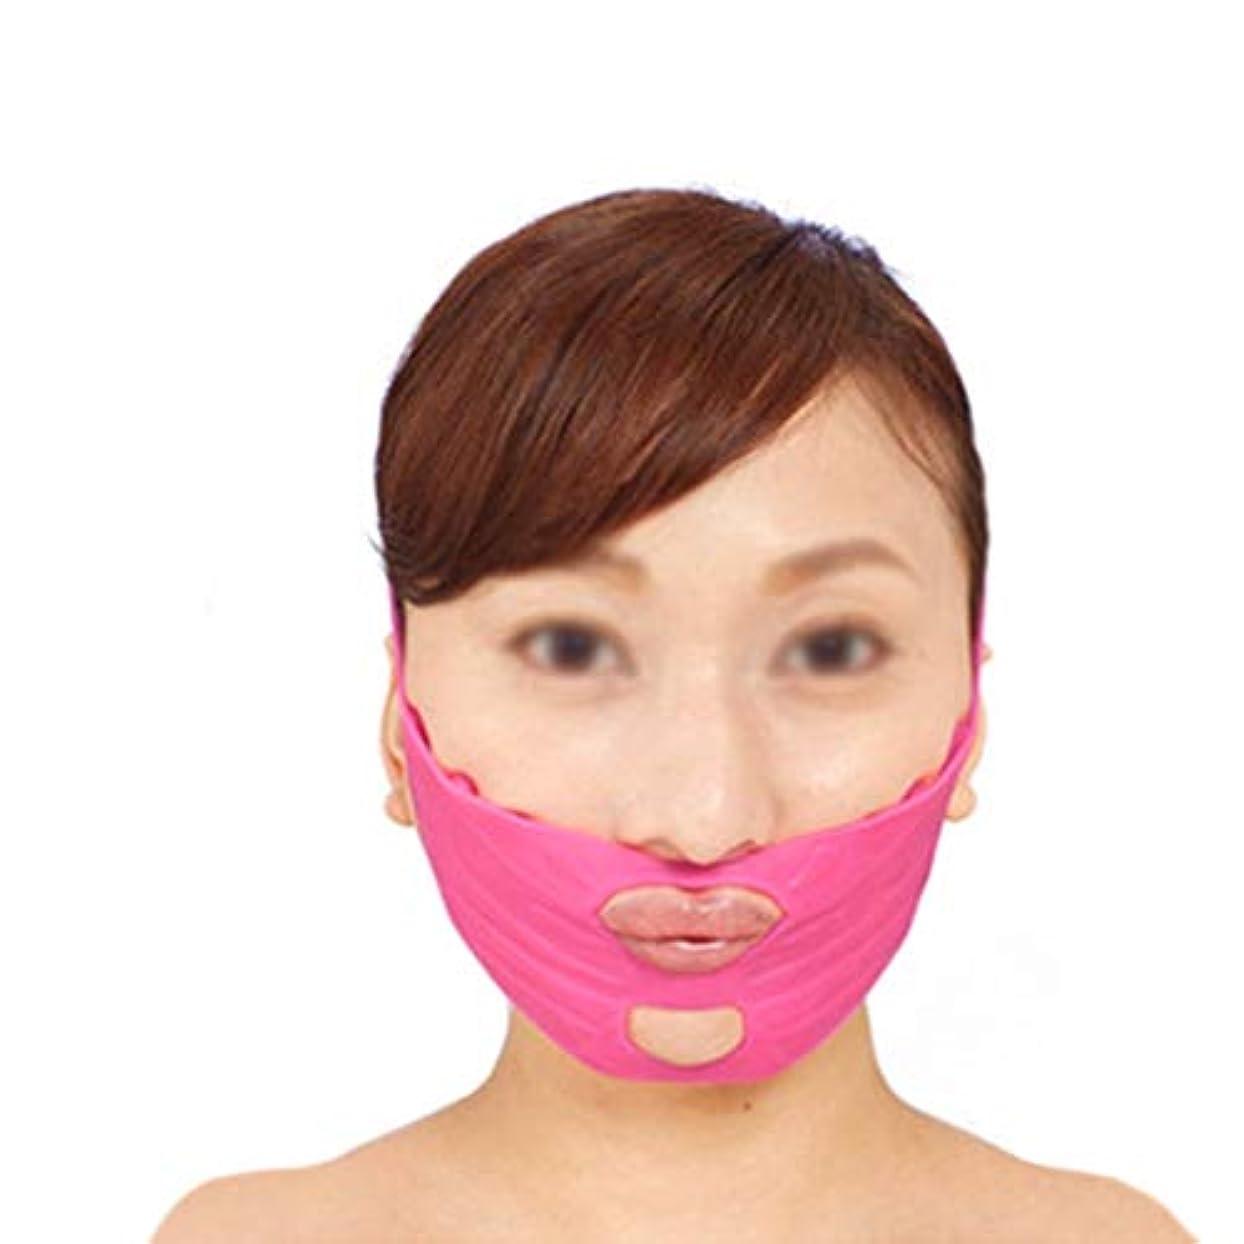 スロットインストール未払いフェイスストラップ付きマスク、プルアップフェイスマスク、フェイスリフティングマスク、フェイス締め付け包帯、フェイスリフティング包帯、フェイスバンドを持ち上げて二重あごを減らす(ピンク、ワンサイズ)